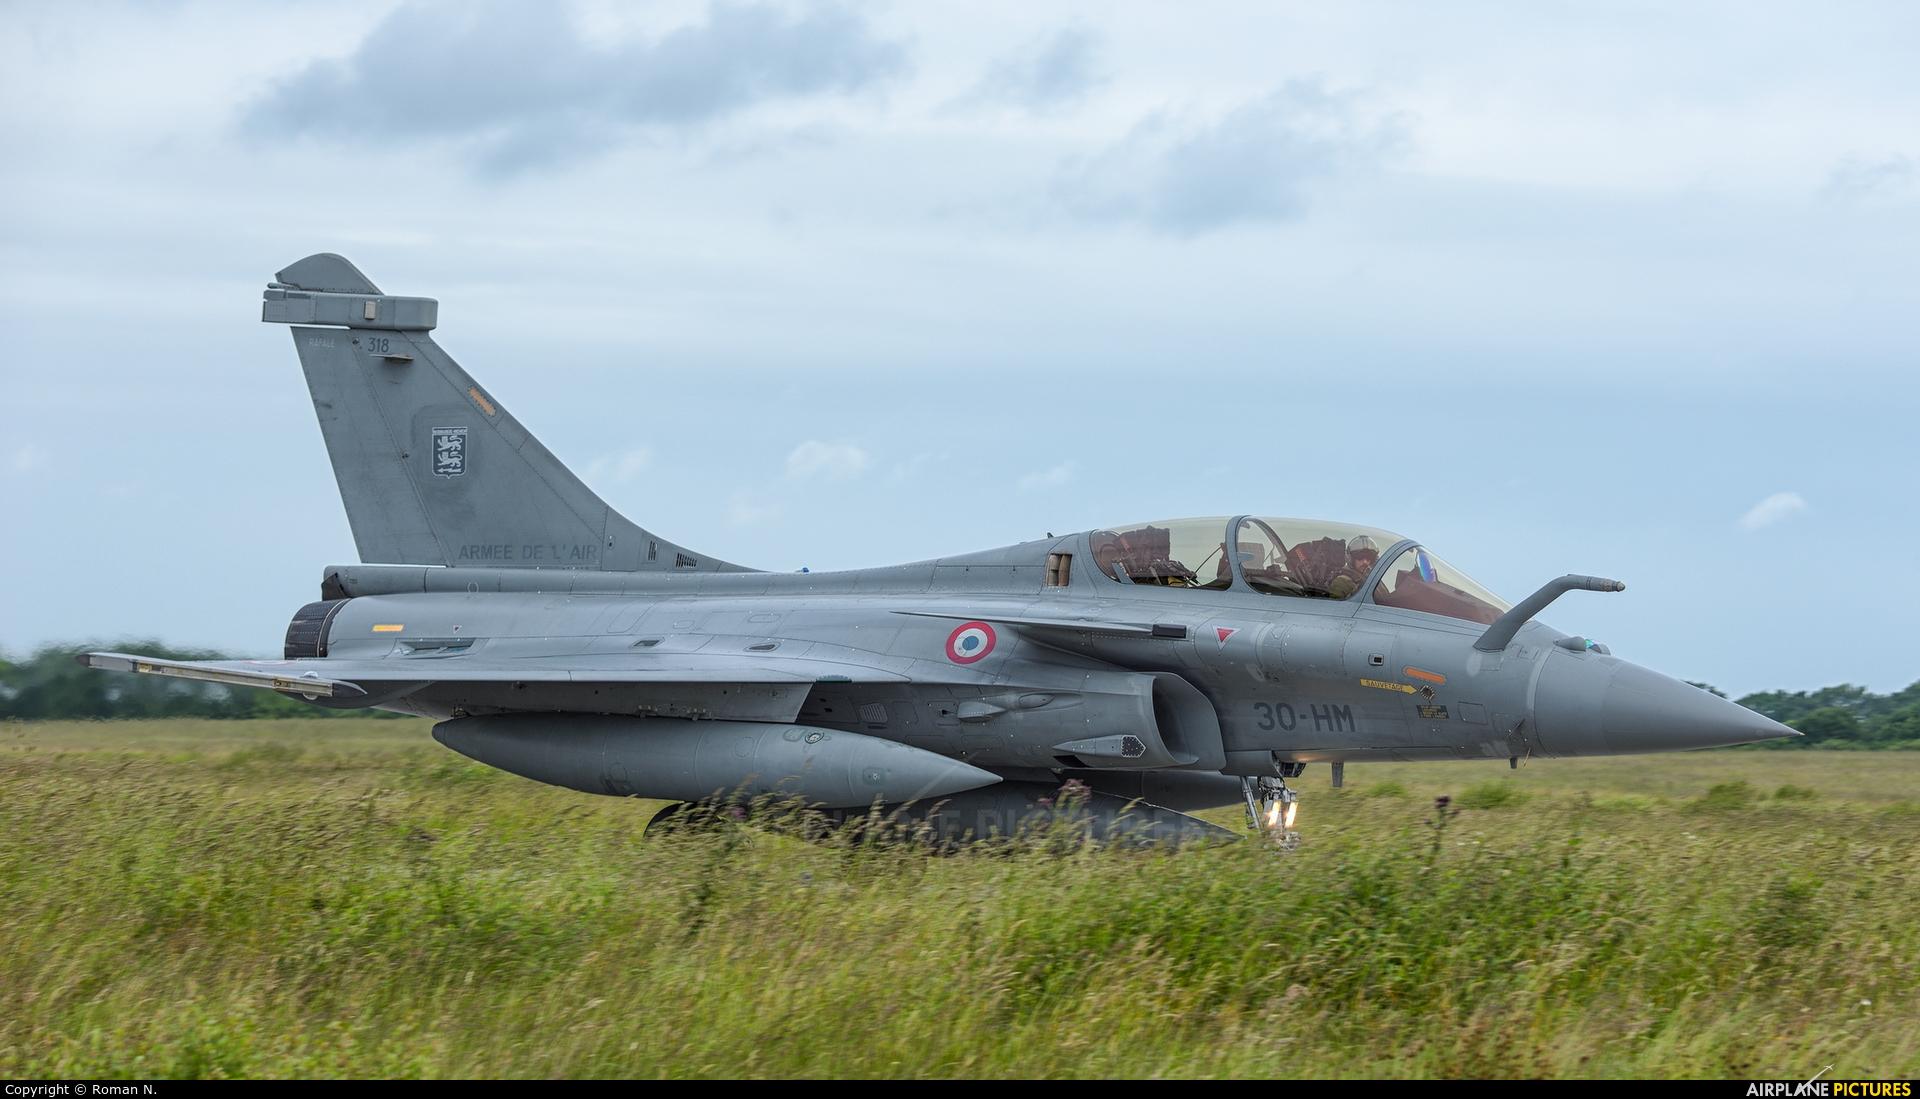 France - Air Force 318 aircraft at Landivisiau